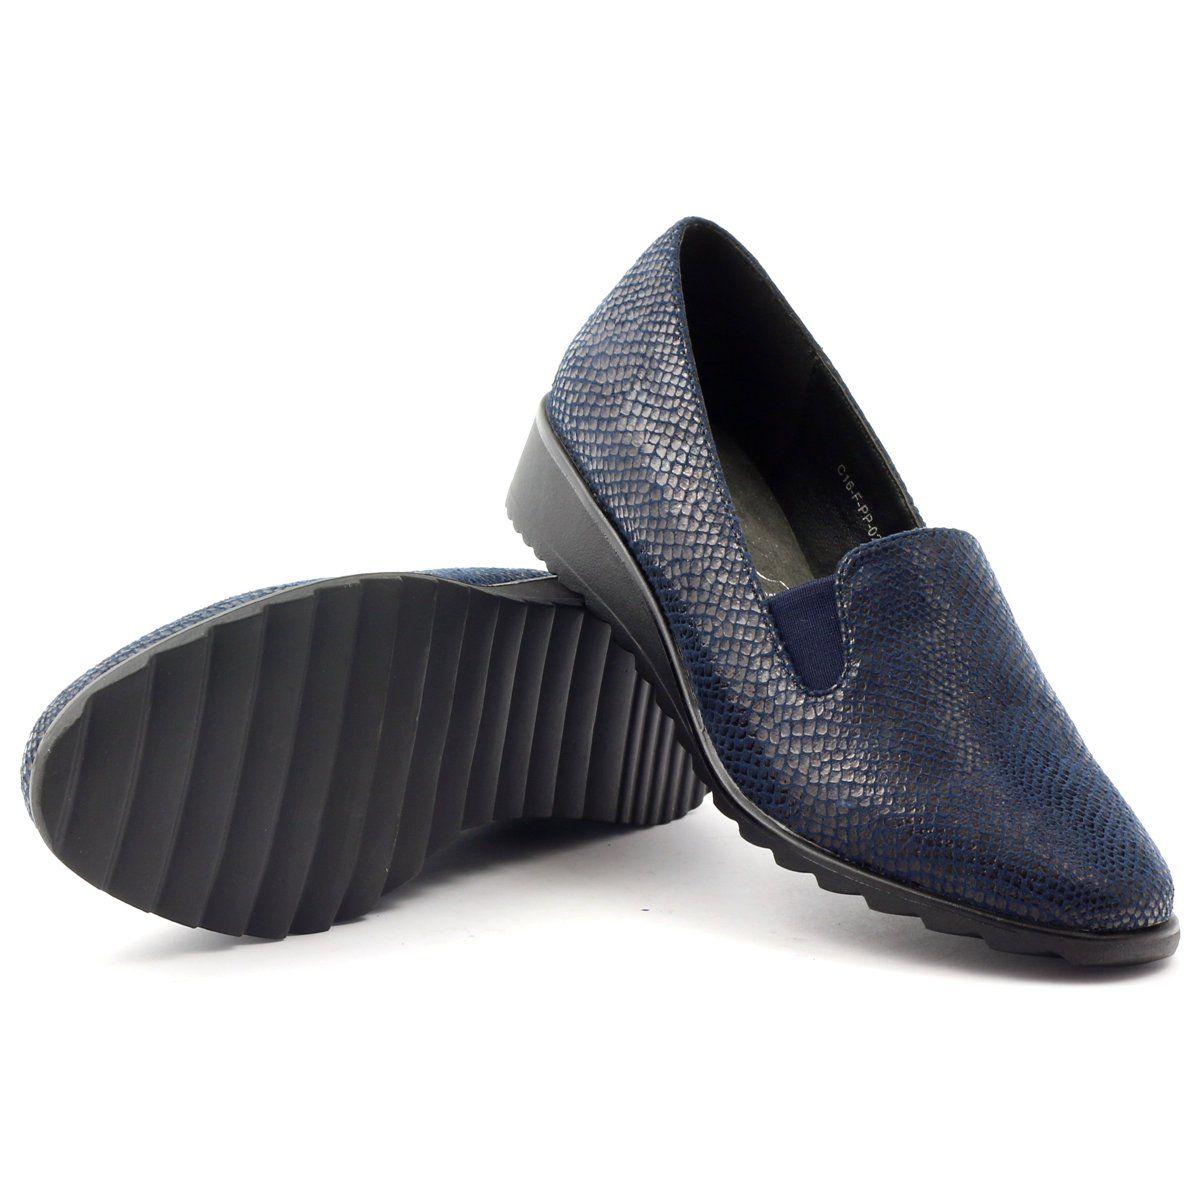 Polbuty Damskie Sportowe Mcarthur 02 Nv Gr Wielokolorowe Granatowe Dress Shoes Men Loafers Men Oxford Shoes